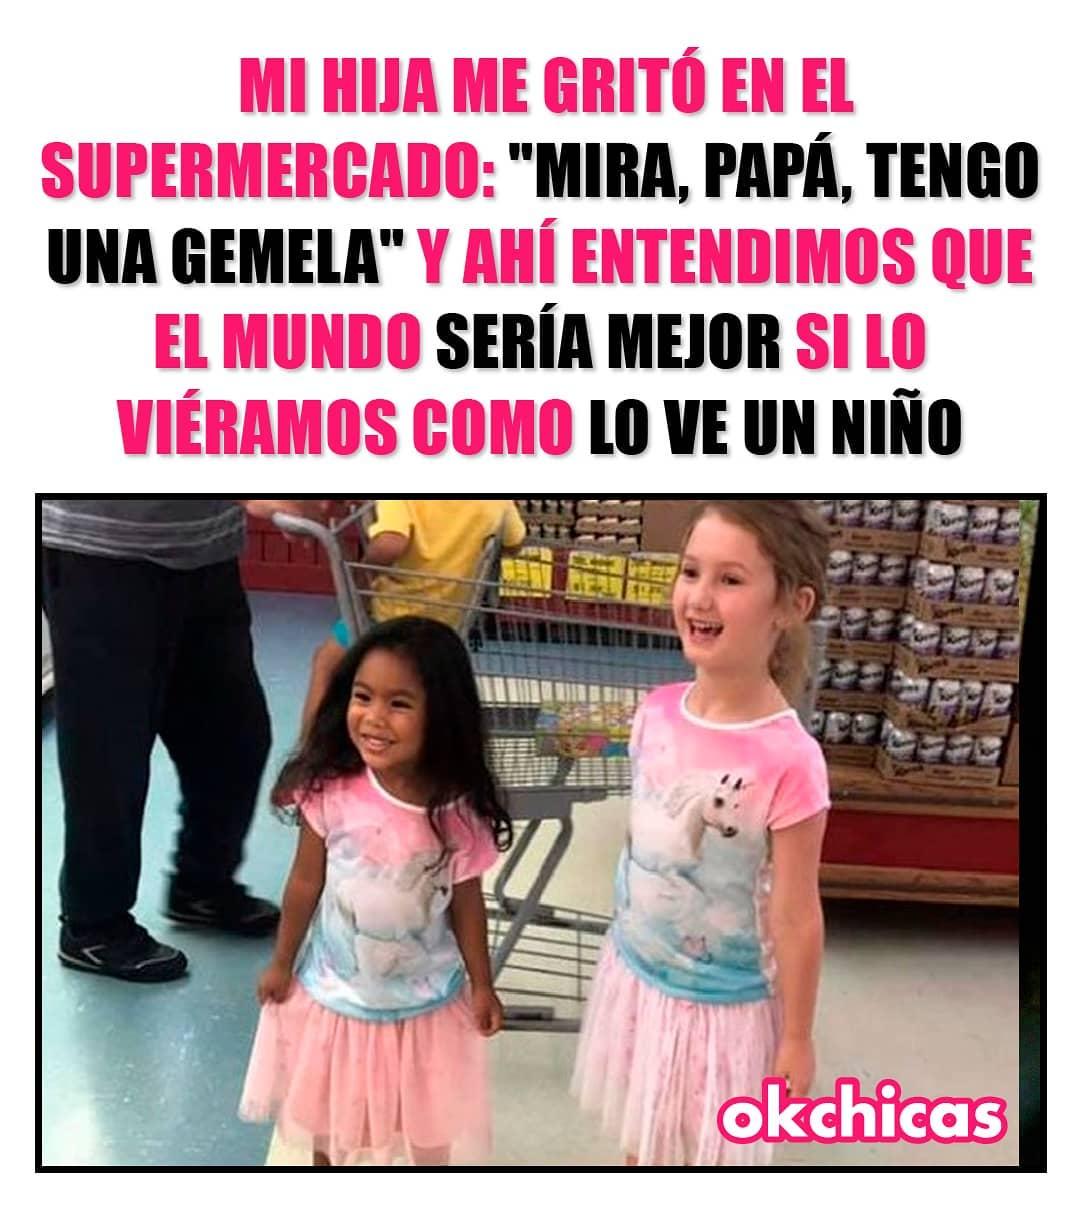 """Mi hija me gritó en el supermercado: """"Mira, papá, tengo una gemela"""". Y ahí entendimos que el mundo sería mejor si lo viéramos como lo ve un niño."""